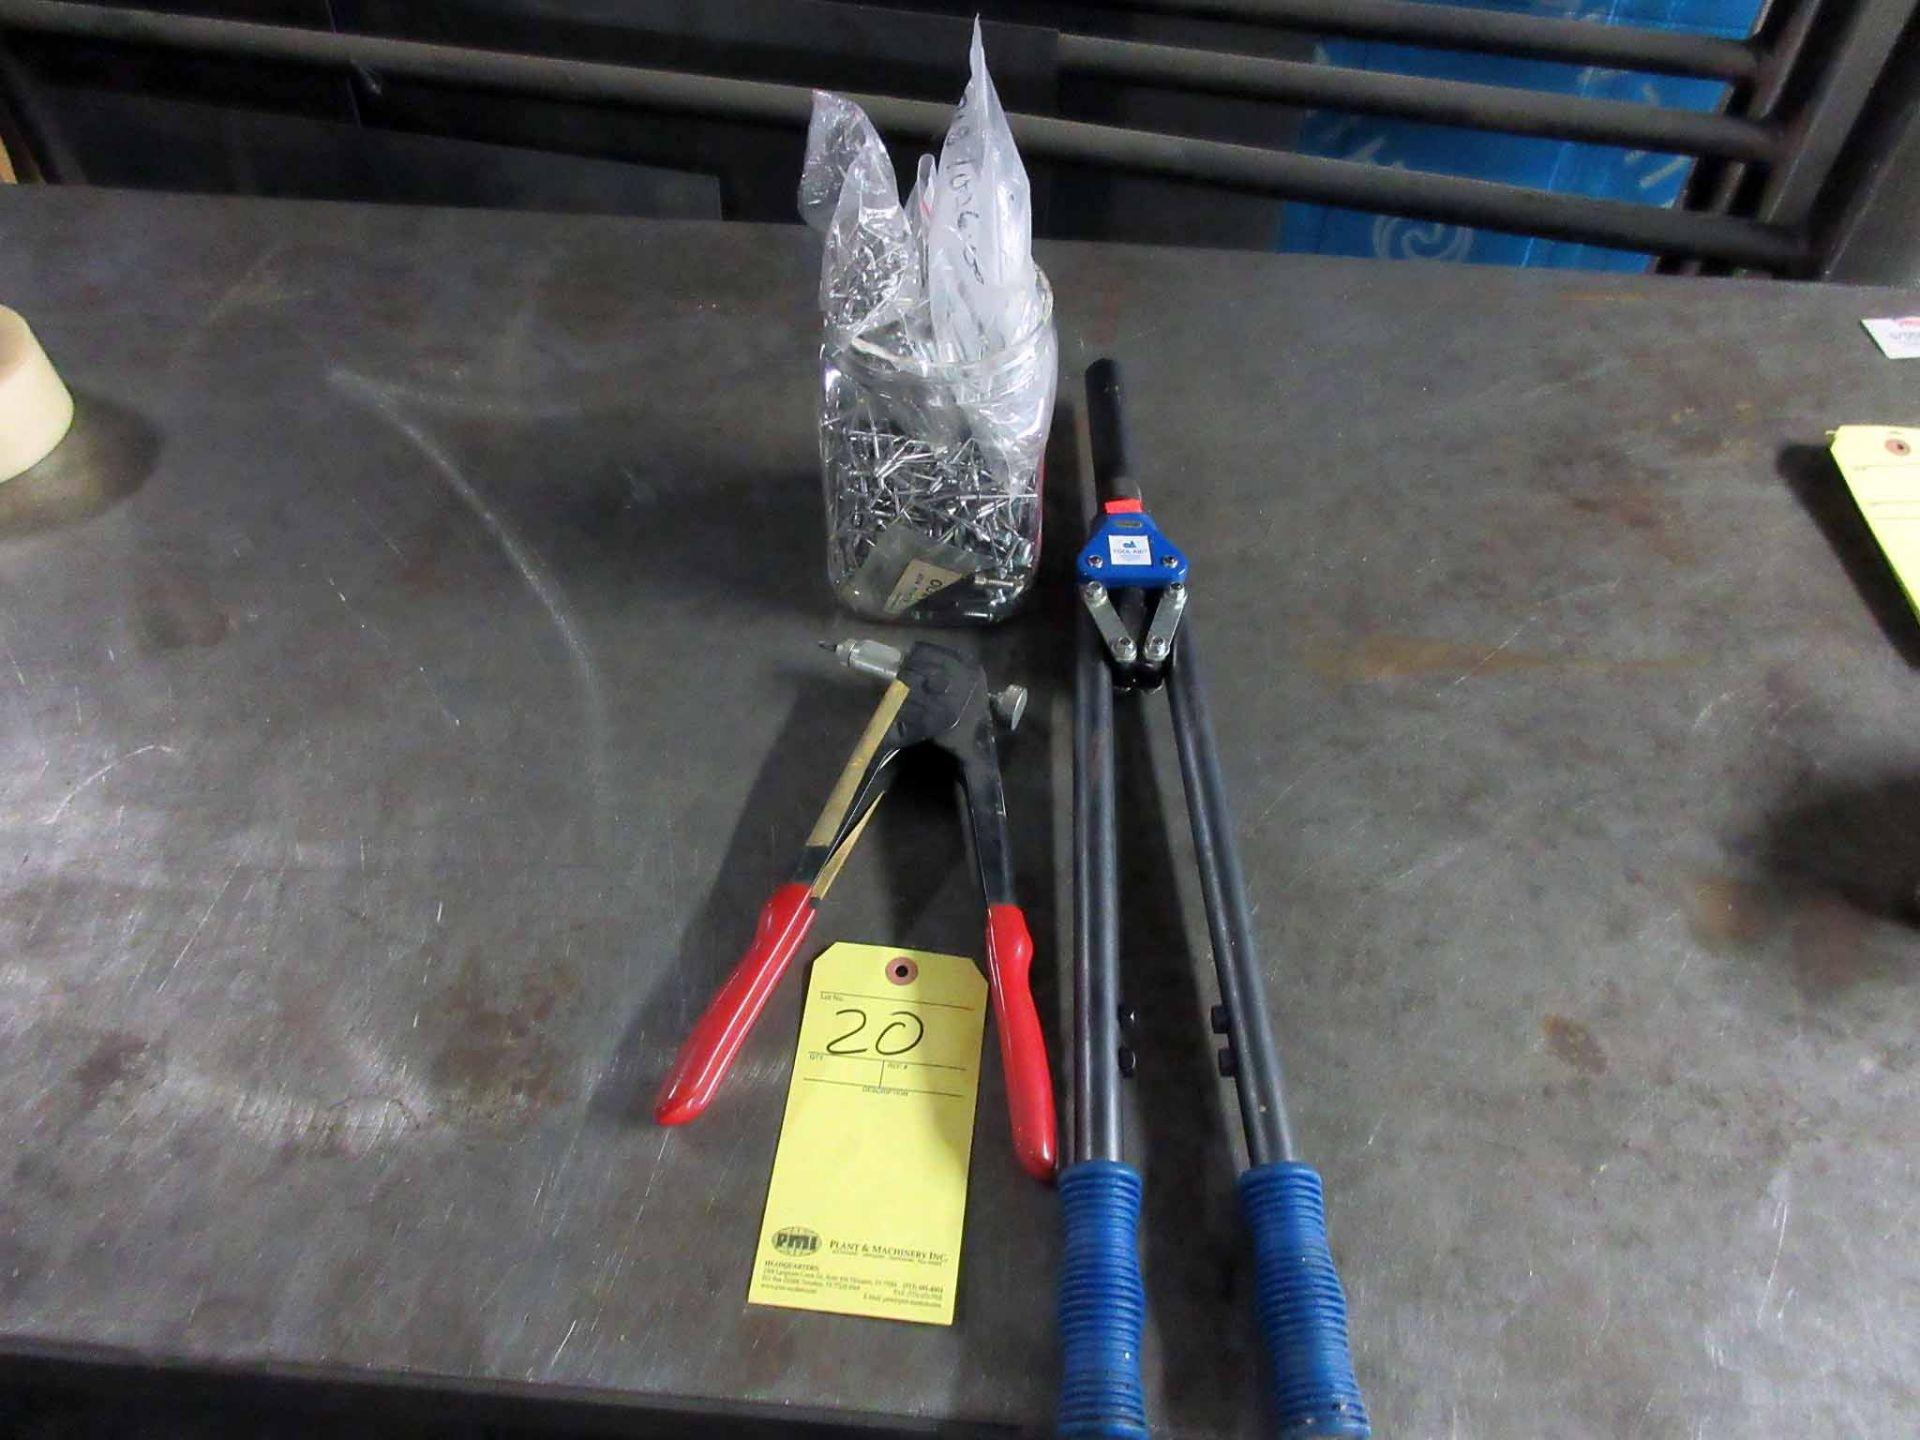 Lot 20 - LOT CONSISTING OF: H.D. pop rivet gun, pop rivet gun & pop rivets (in jar)